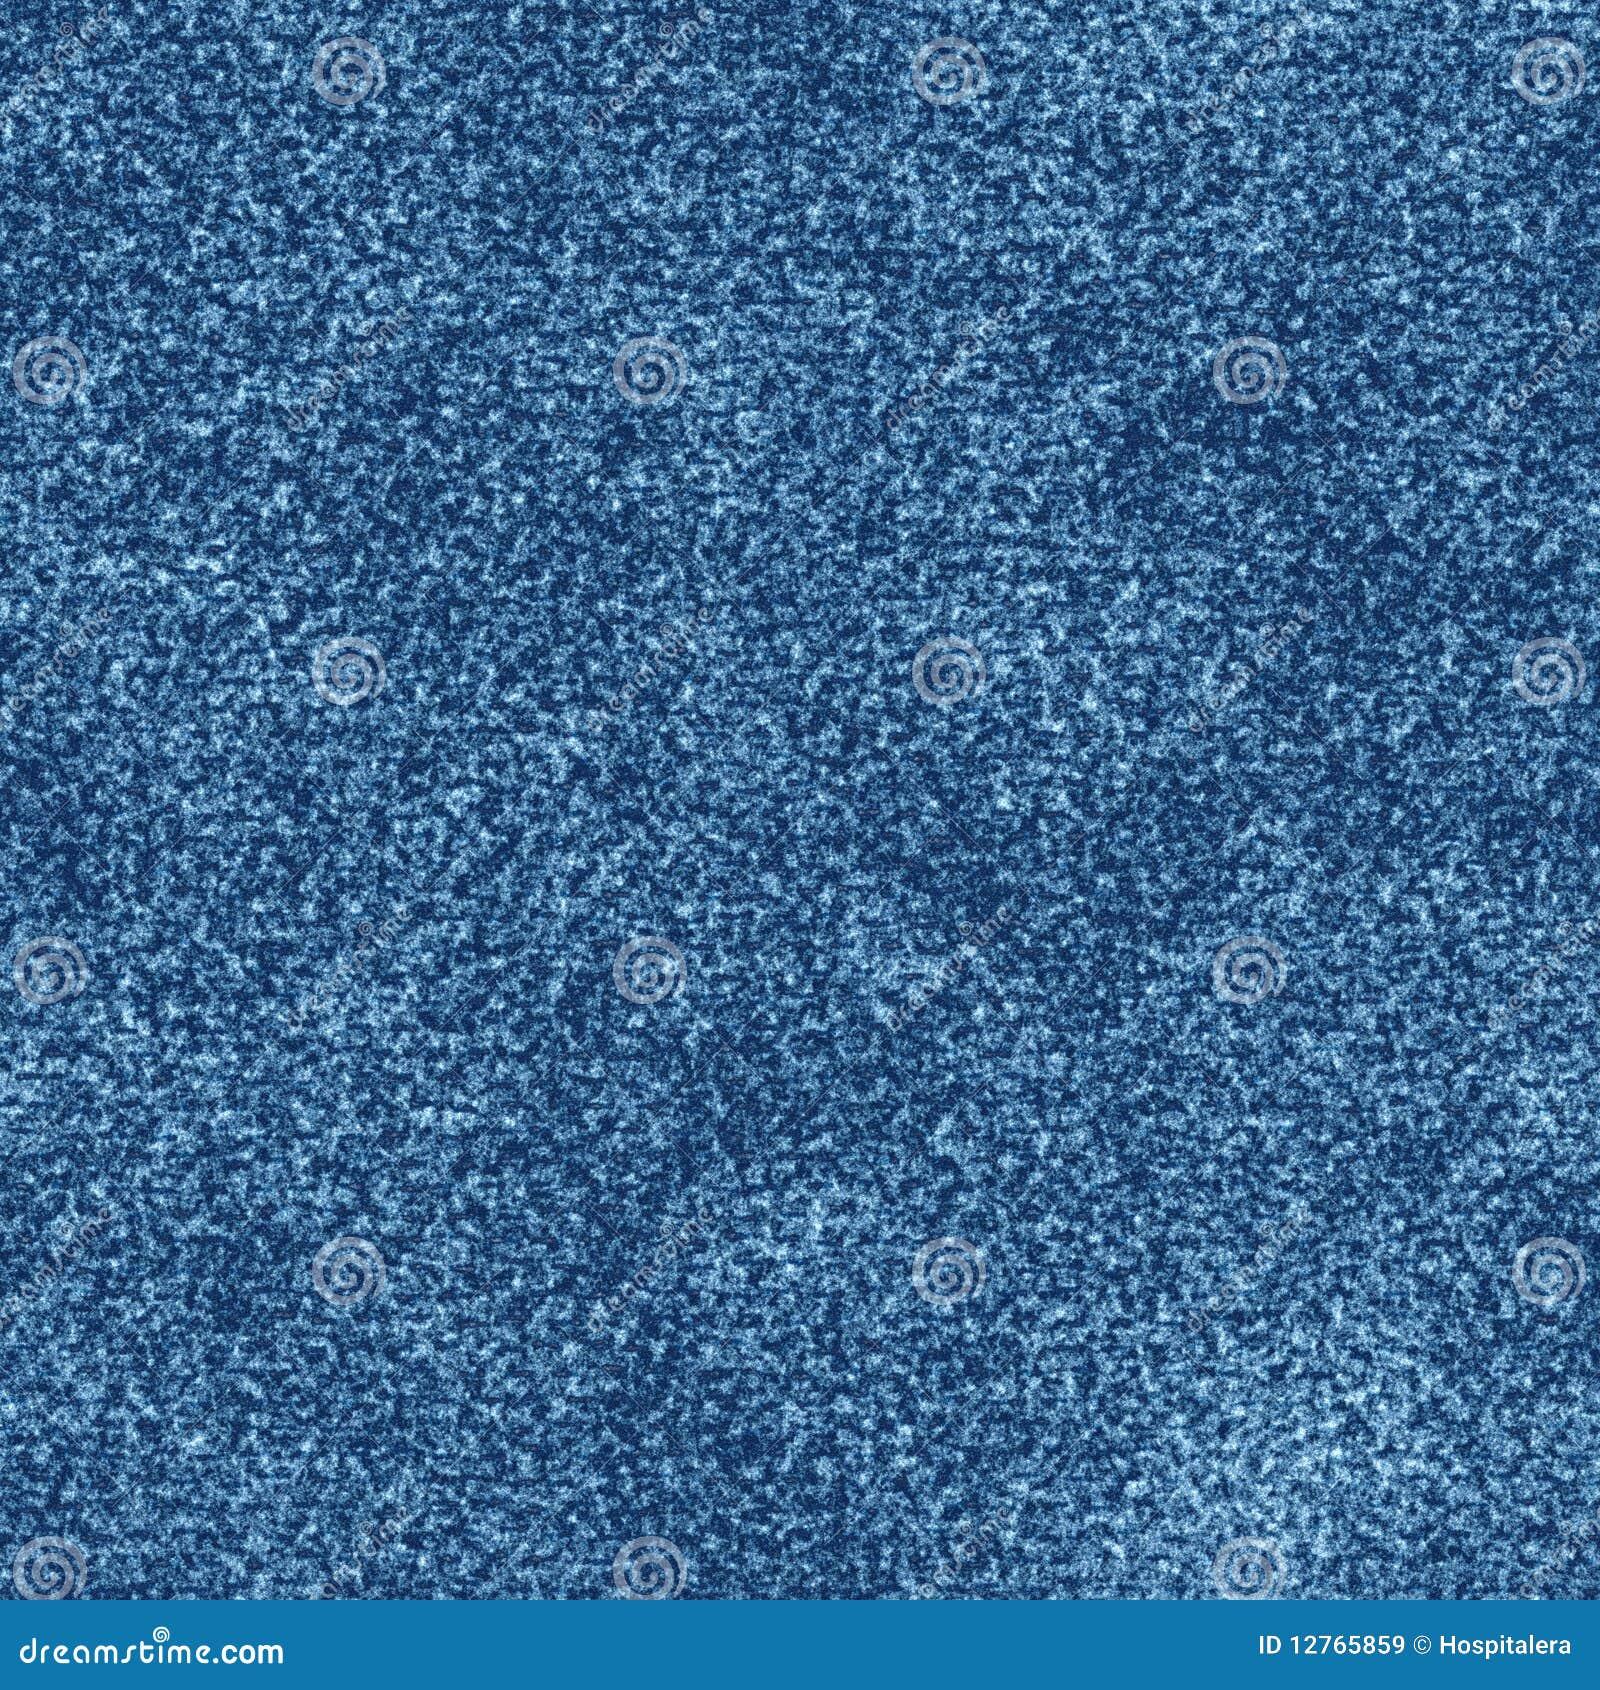 blauer teppich lizenzfreie stockbilder - bild: 12765859, Hause ideen